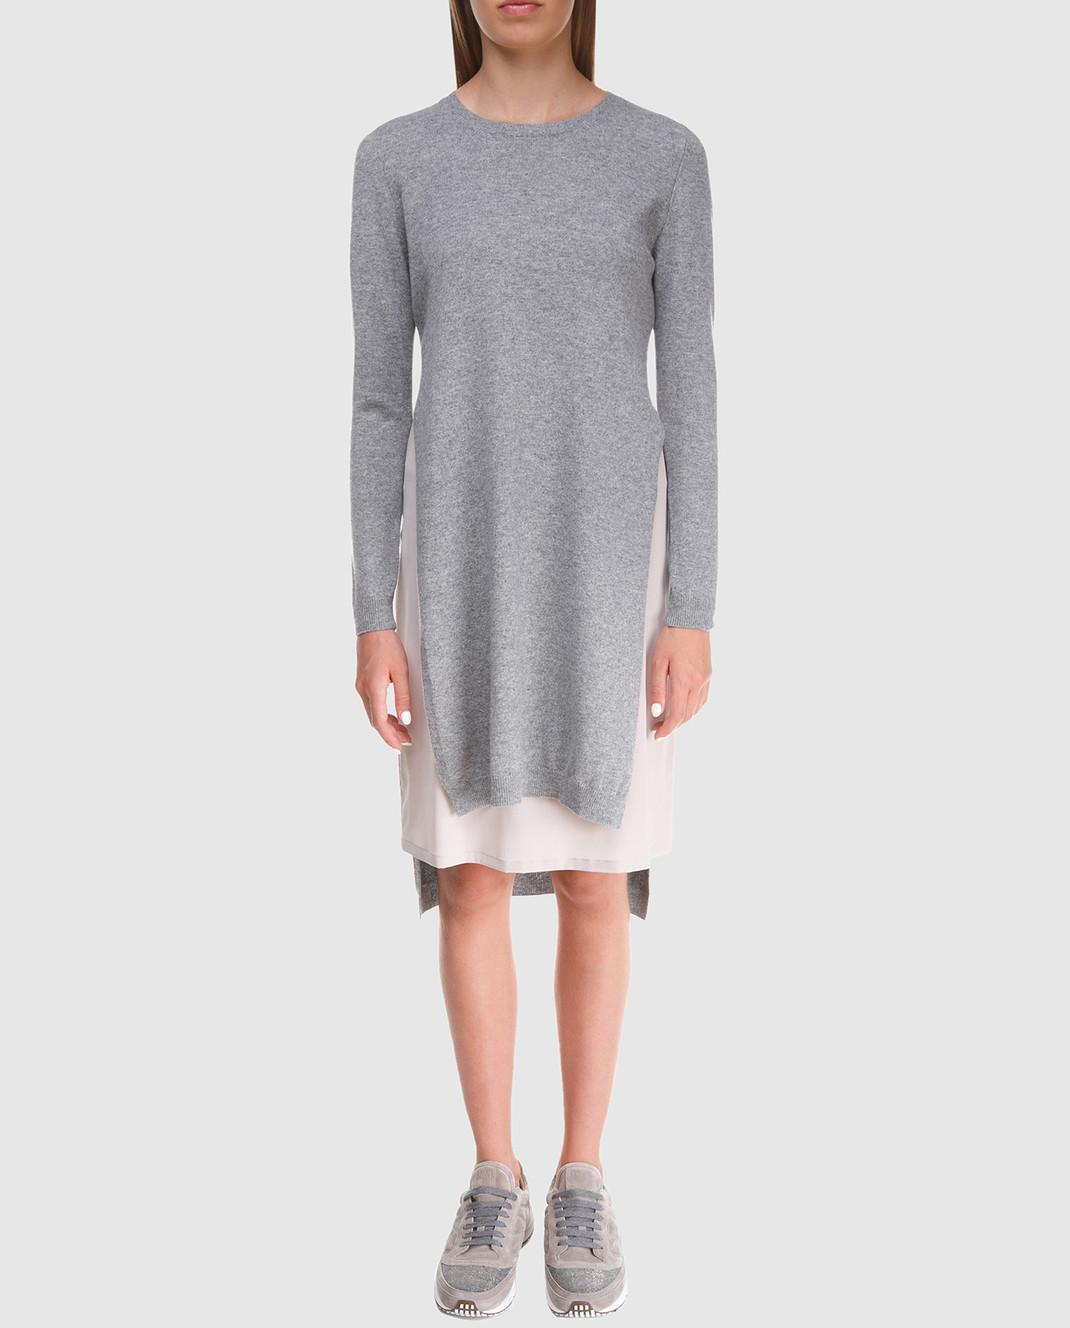 Peserico Серое платье из шерсти S82017F12U9018 изображение 3